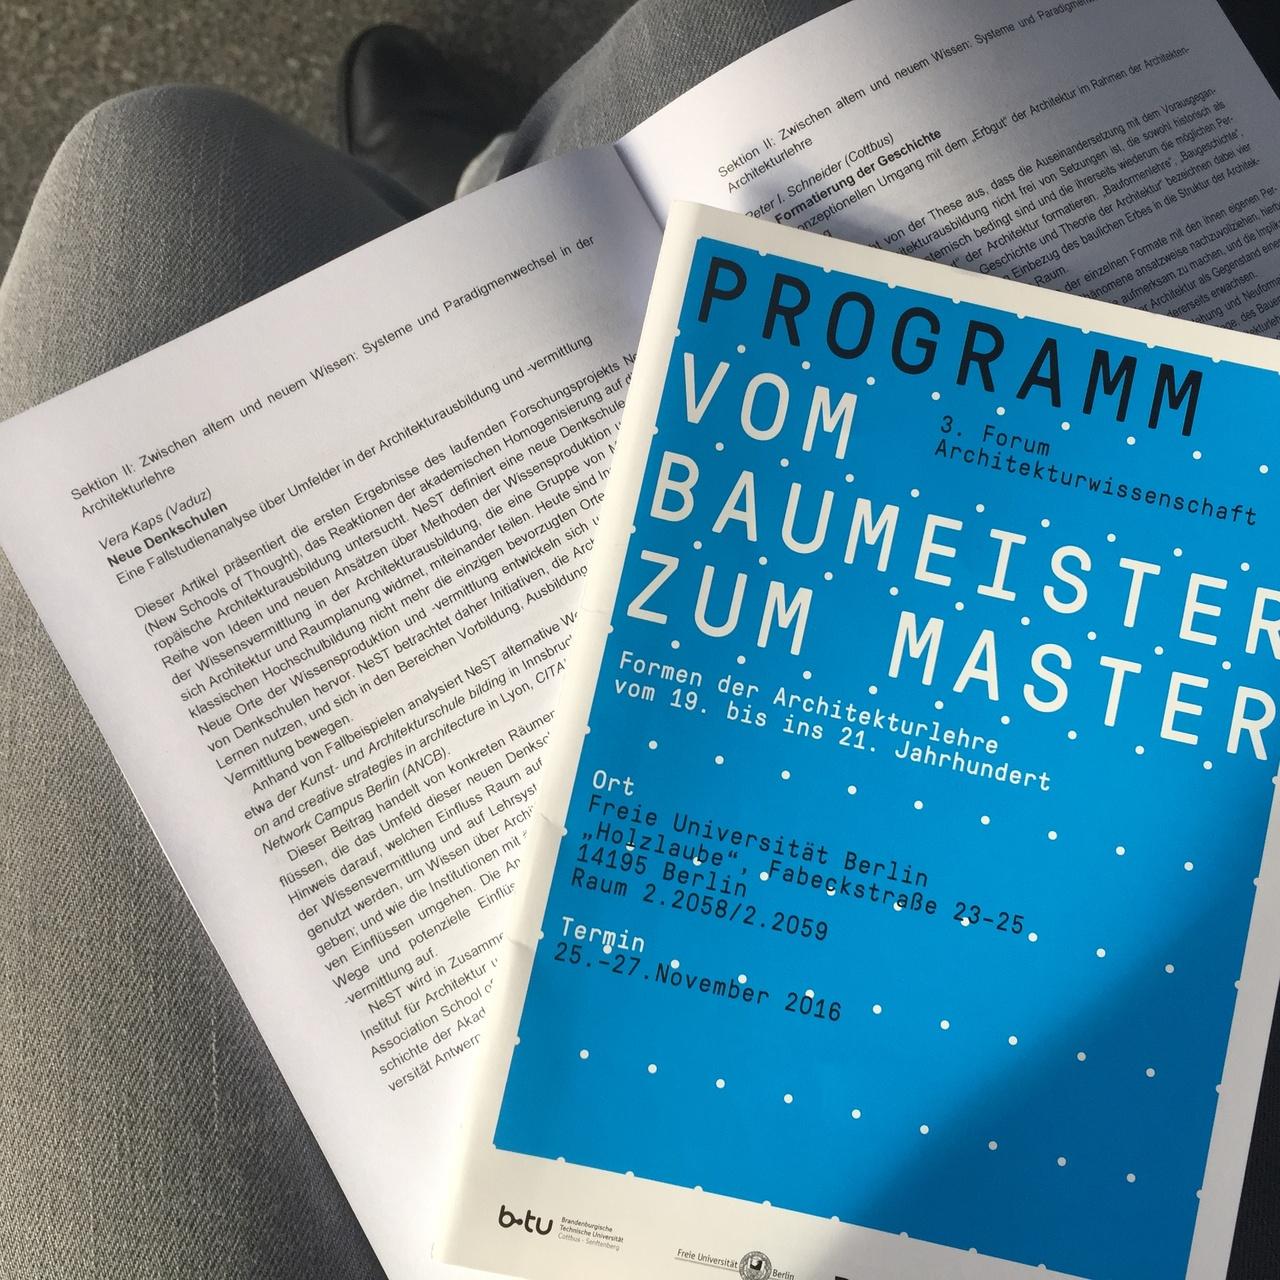 Baumeister_Berlin.jpg